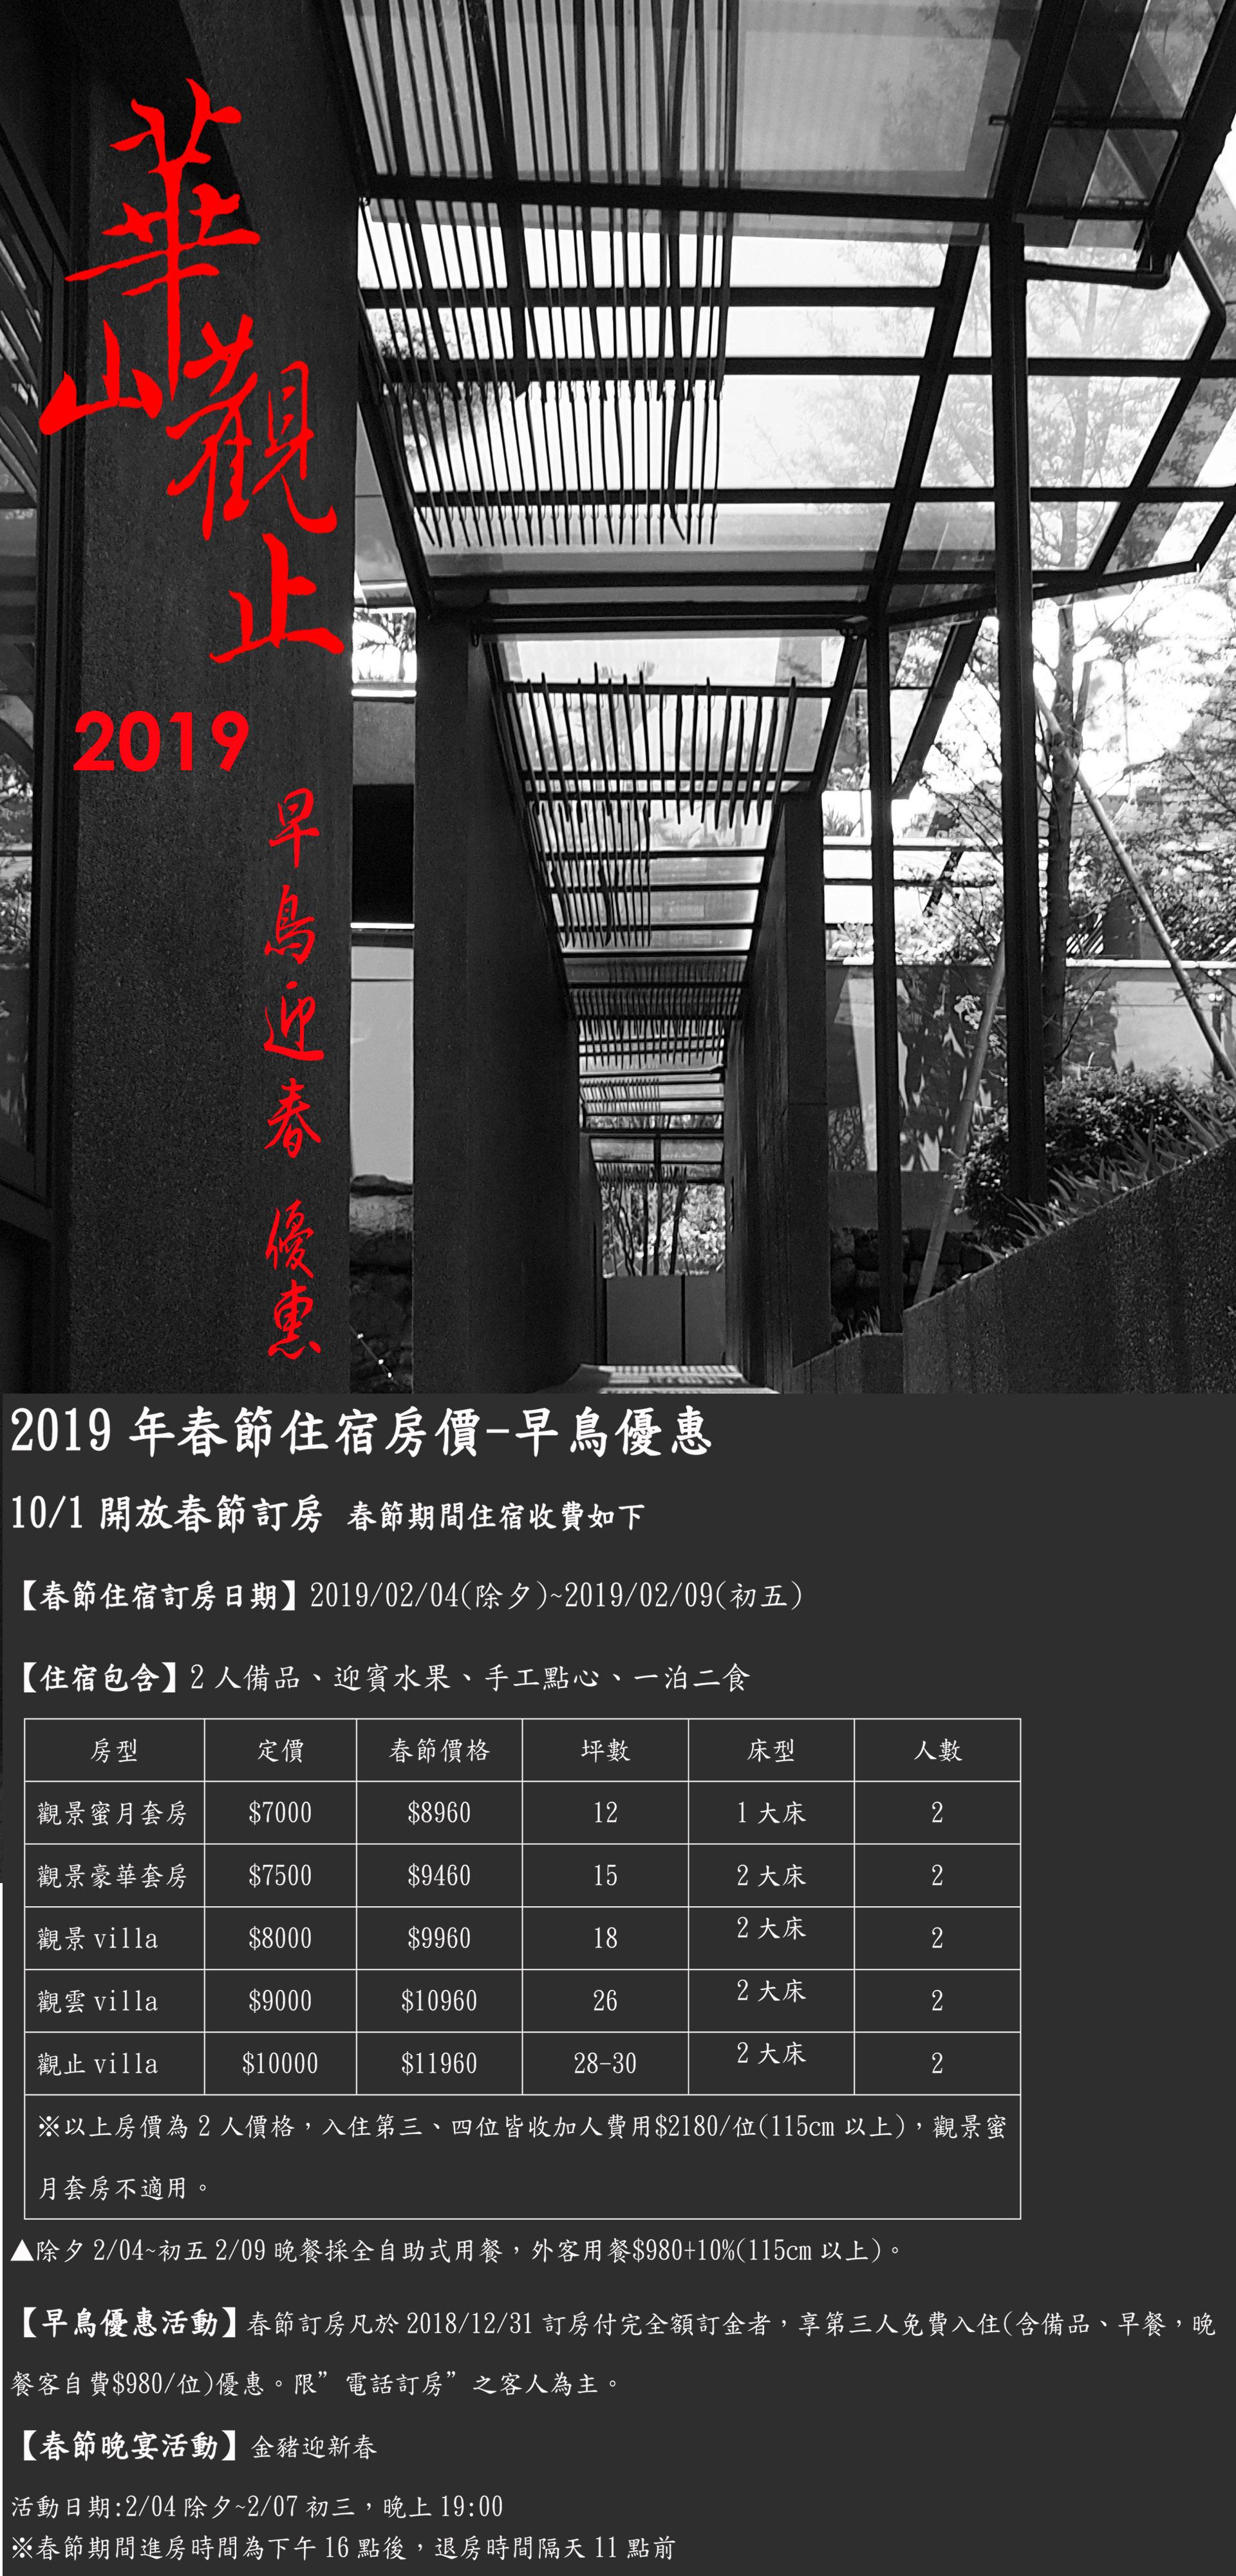 2019 早鳥優惠-2.jpg